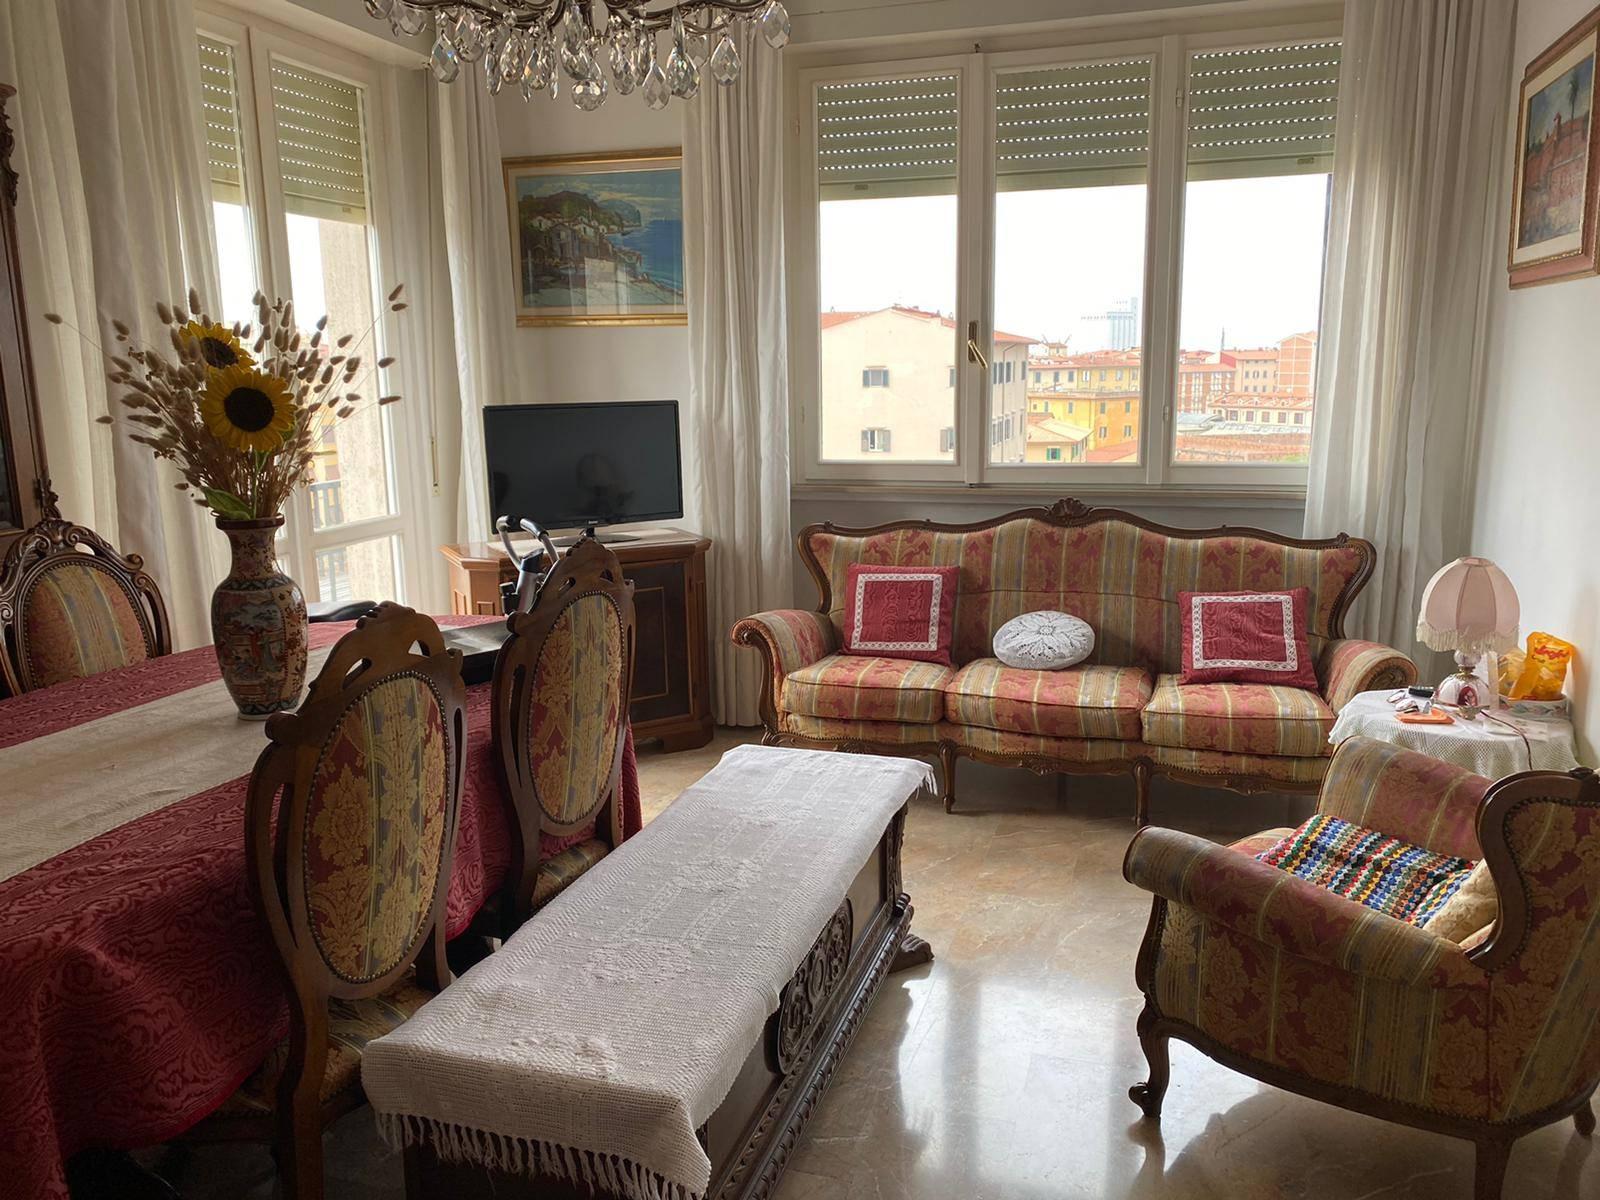 Riferimento 1006GA - Livorno in zona centrale, vicino al mare ed a tutti servizi, splendido attico di quattro vani con ampia terrazza, da dove si può